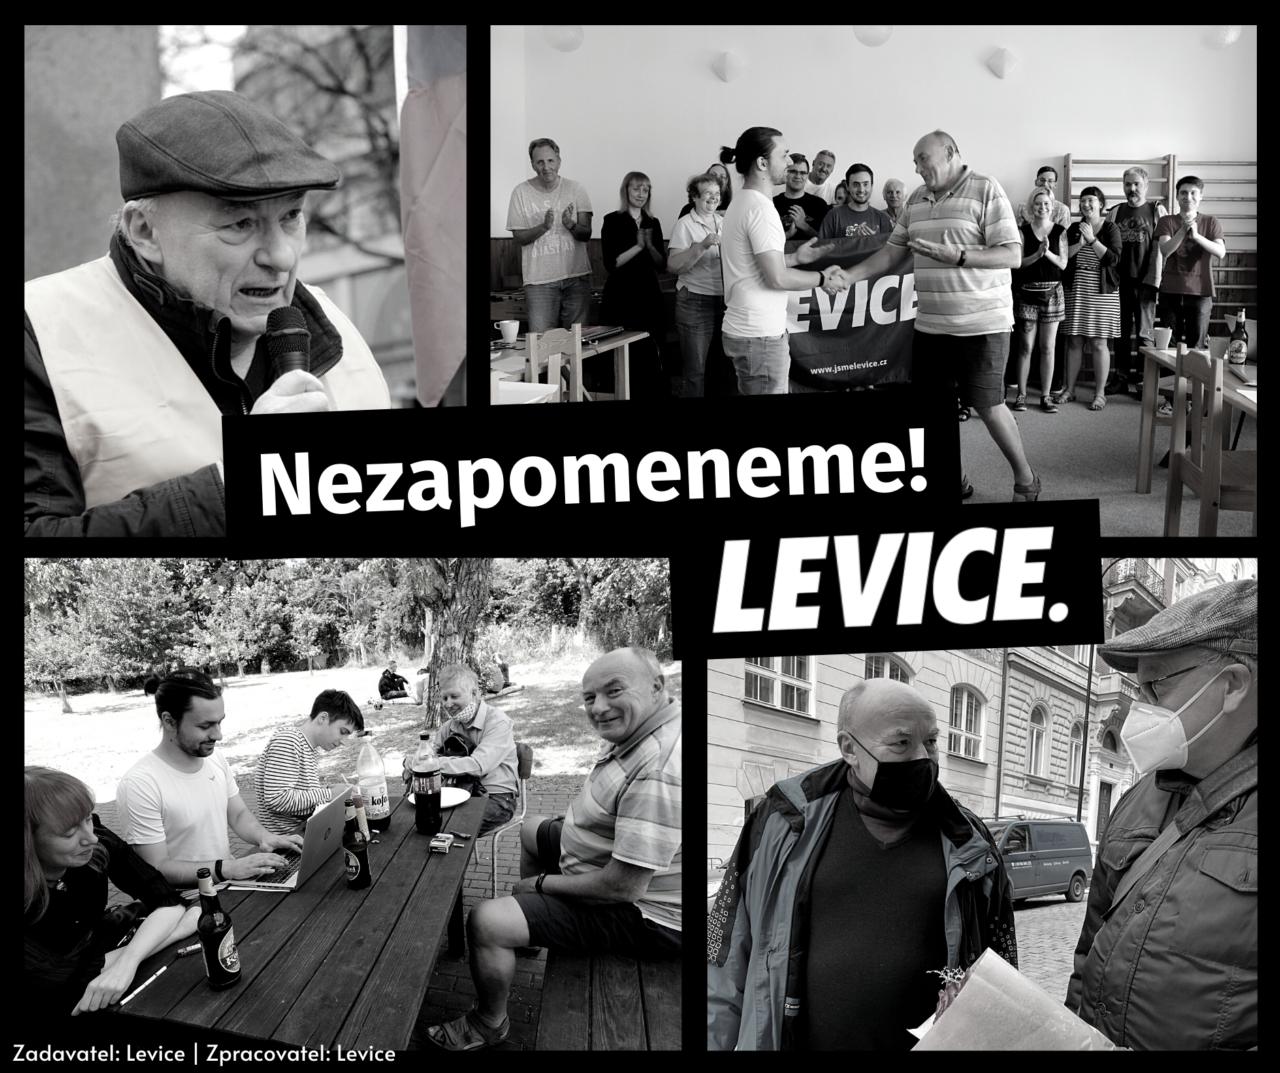 https://jsmelevice.cz/wp-content/uploads/2021/04/Milan-kolaz-1280x1073.png